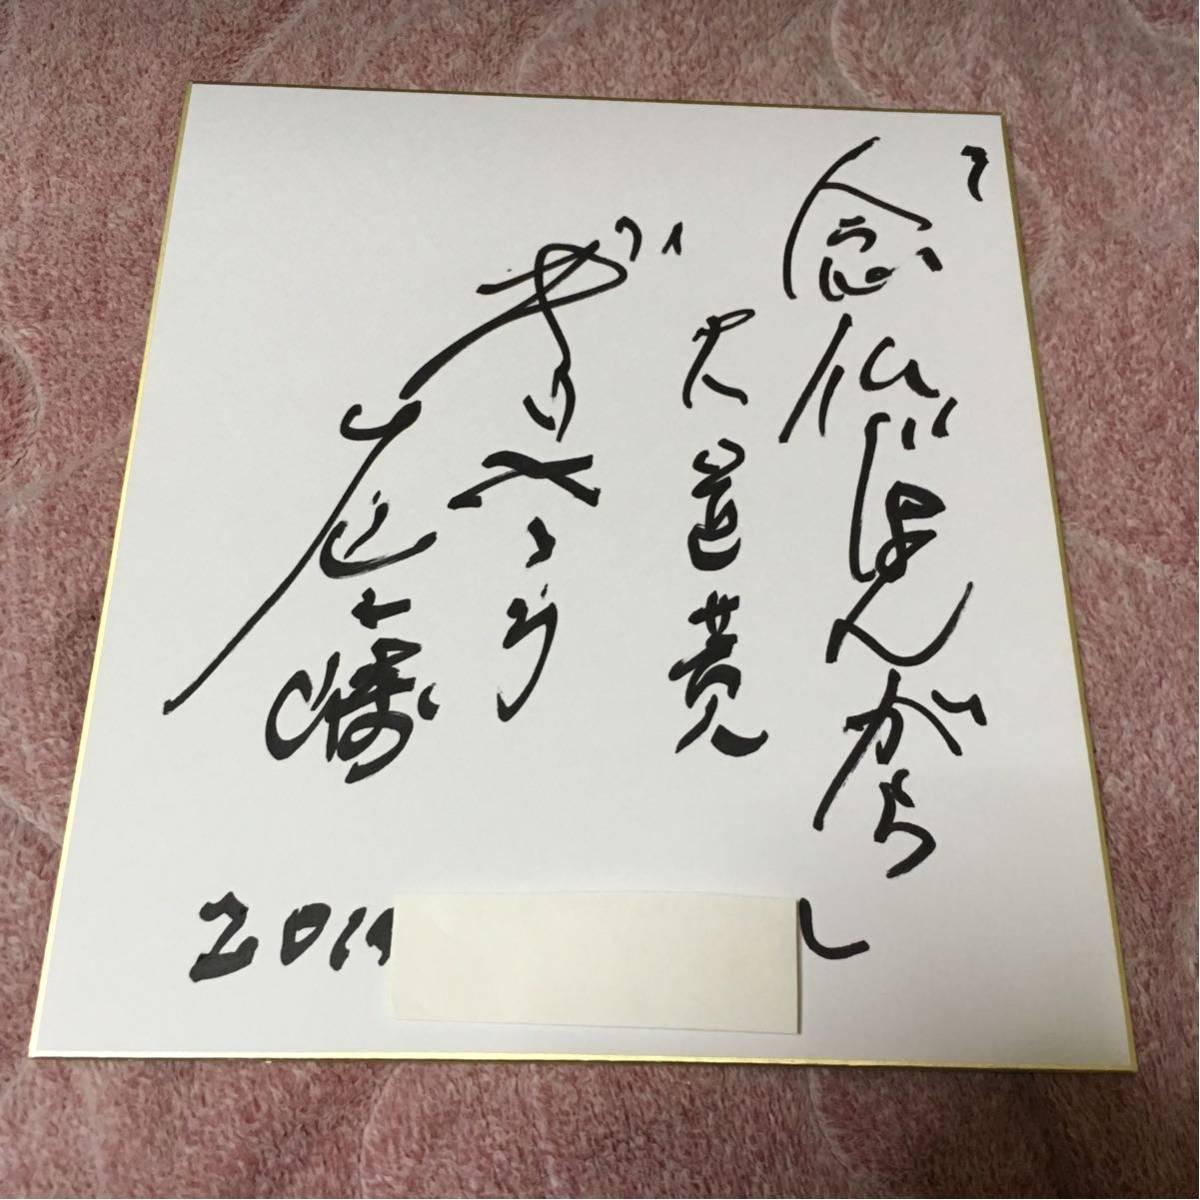 世界的大道芸人 ギリヤーク尼ヶ崎 直筆サイン色紙